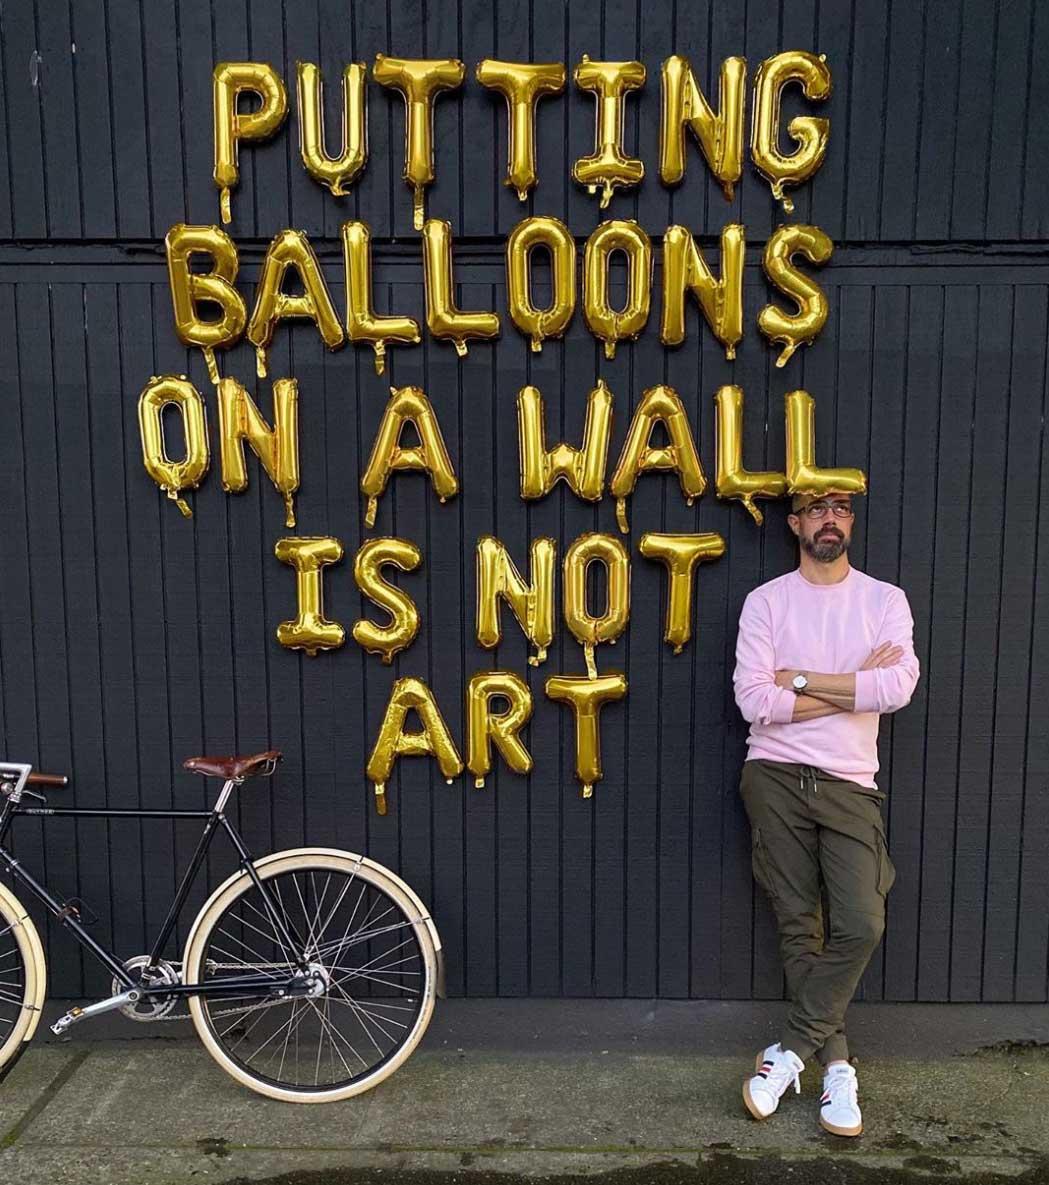 Mit Luftballons geschriebene Wahr- und Weisheiten Michael-James-Schneider-ballons_06